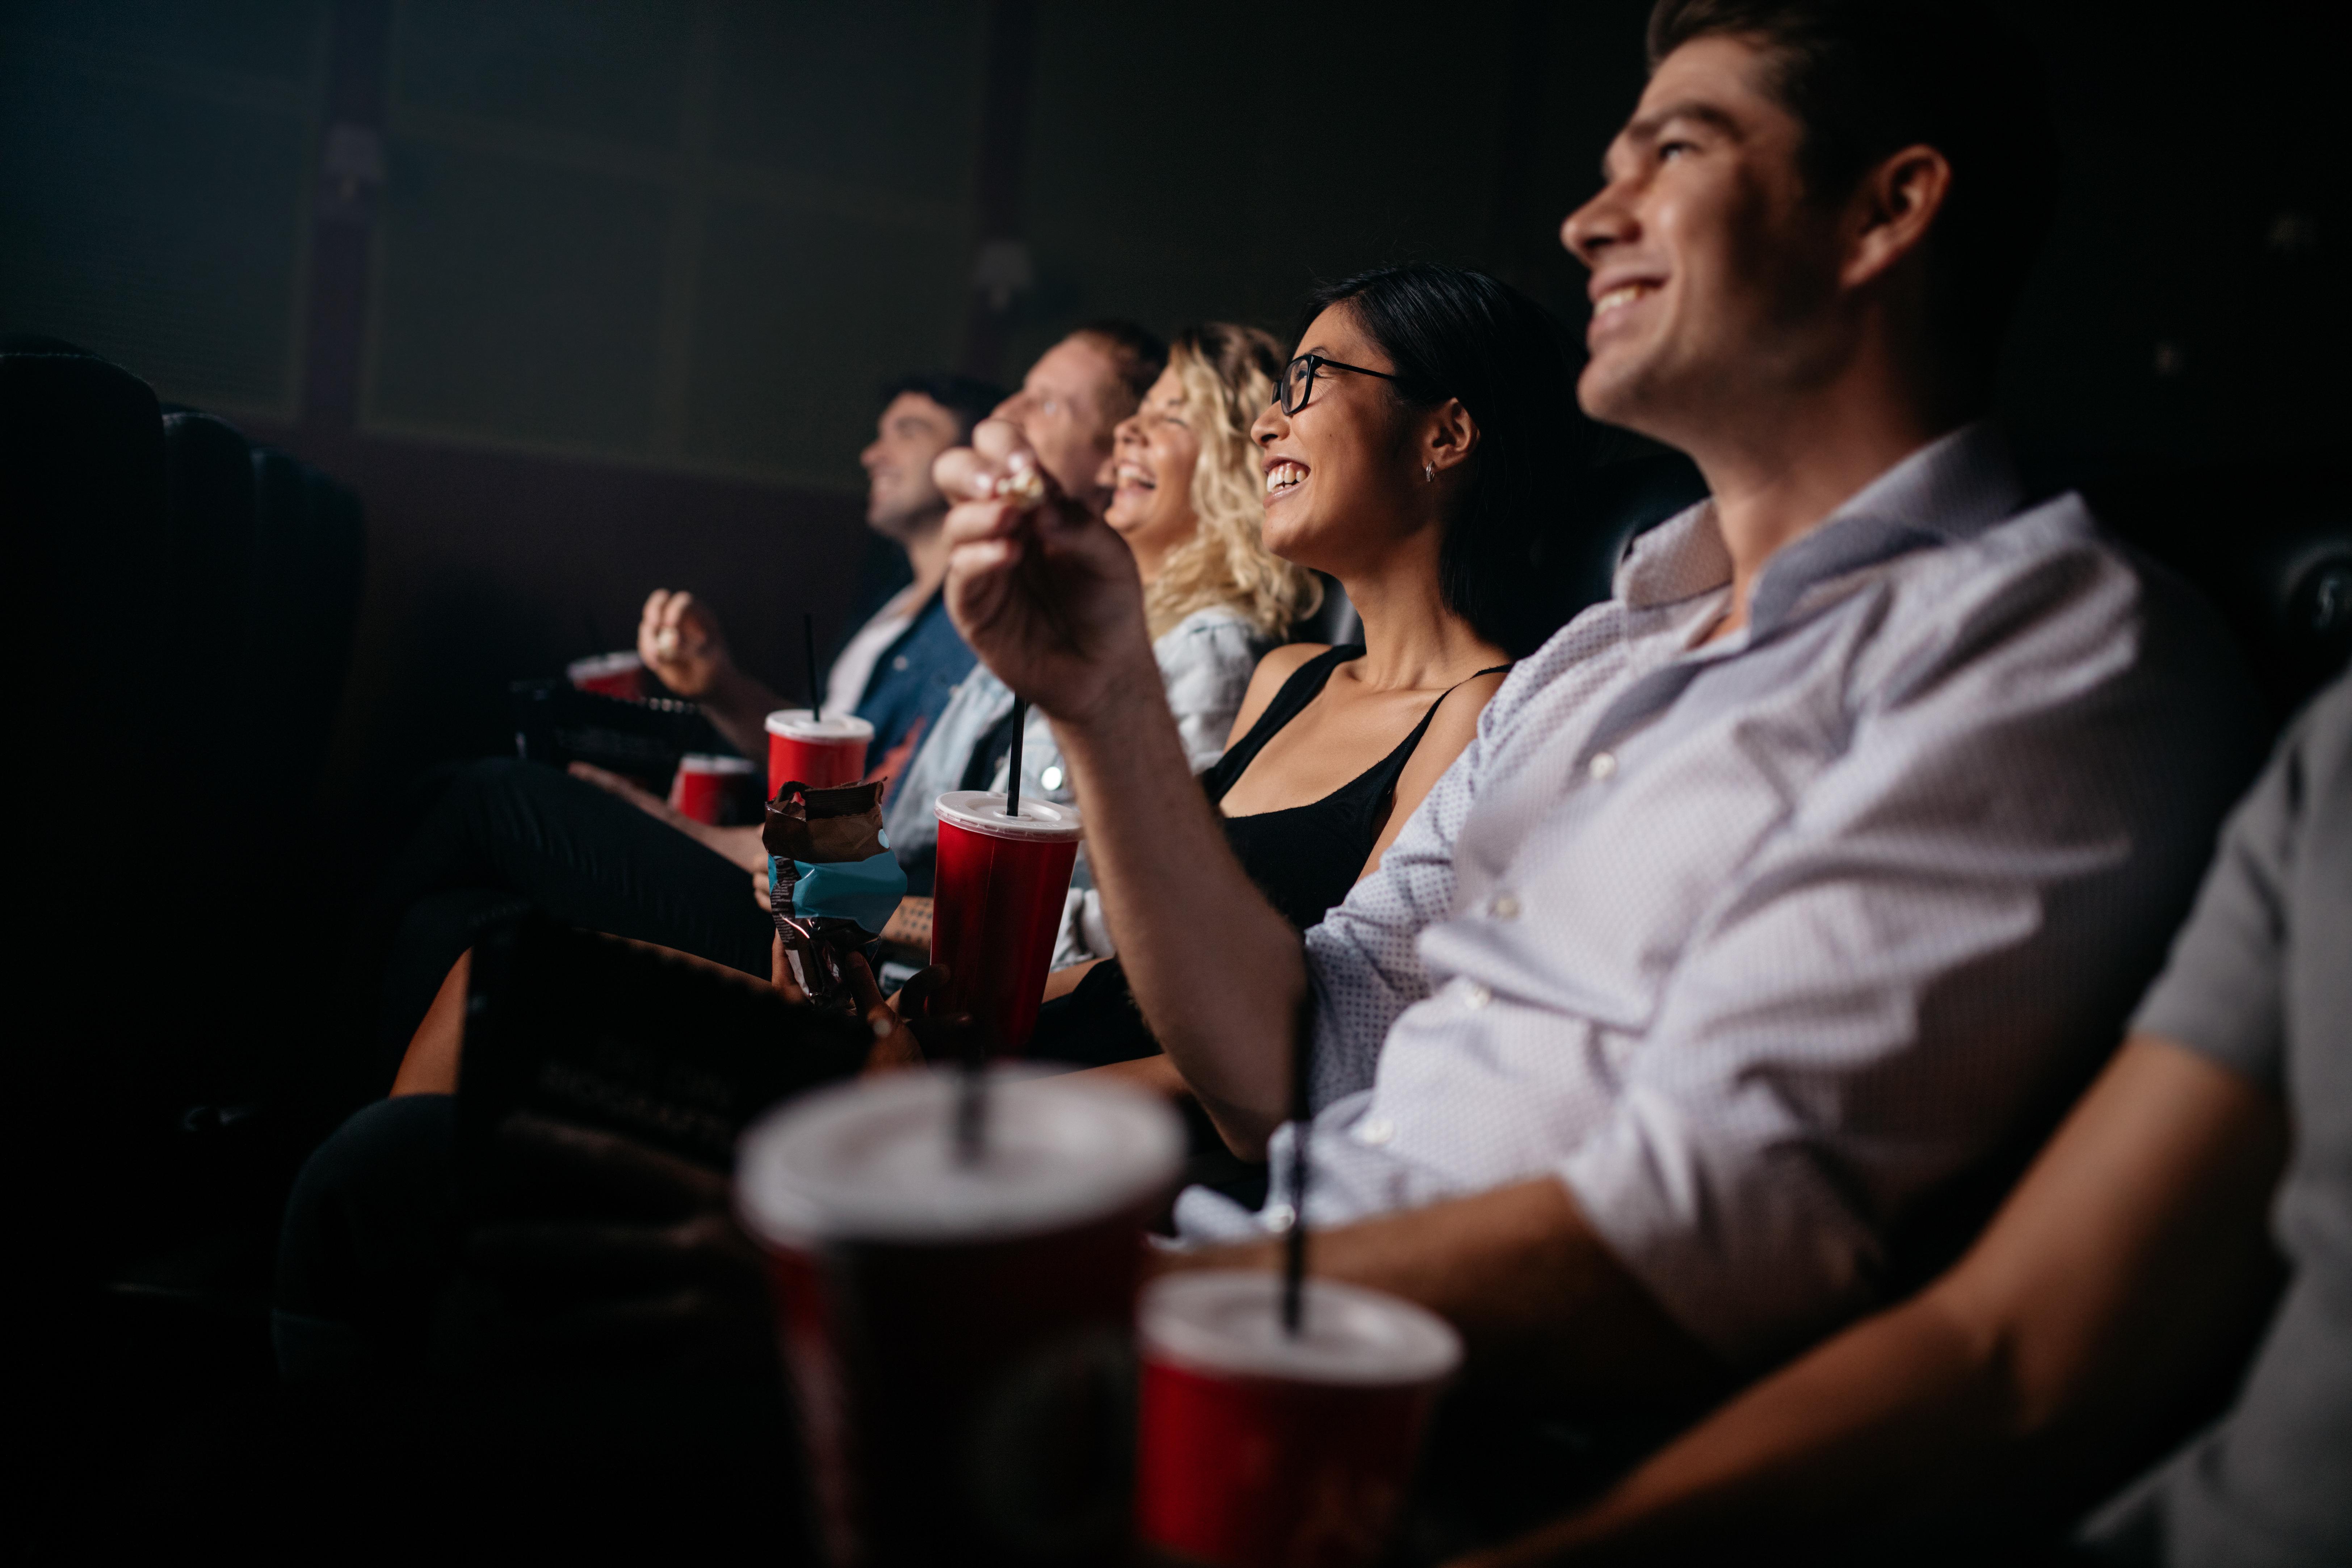 Ovih devet filmova ne smete propustiti u 2019. godini